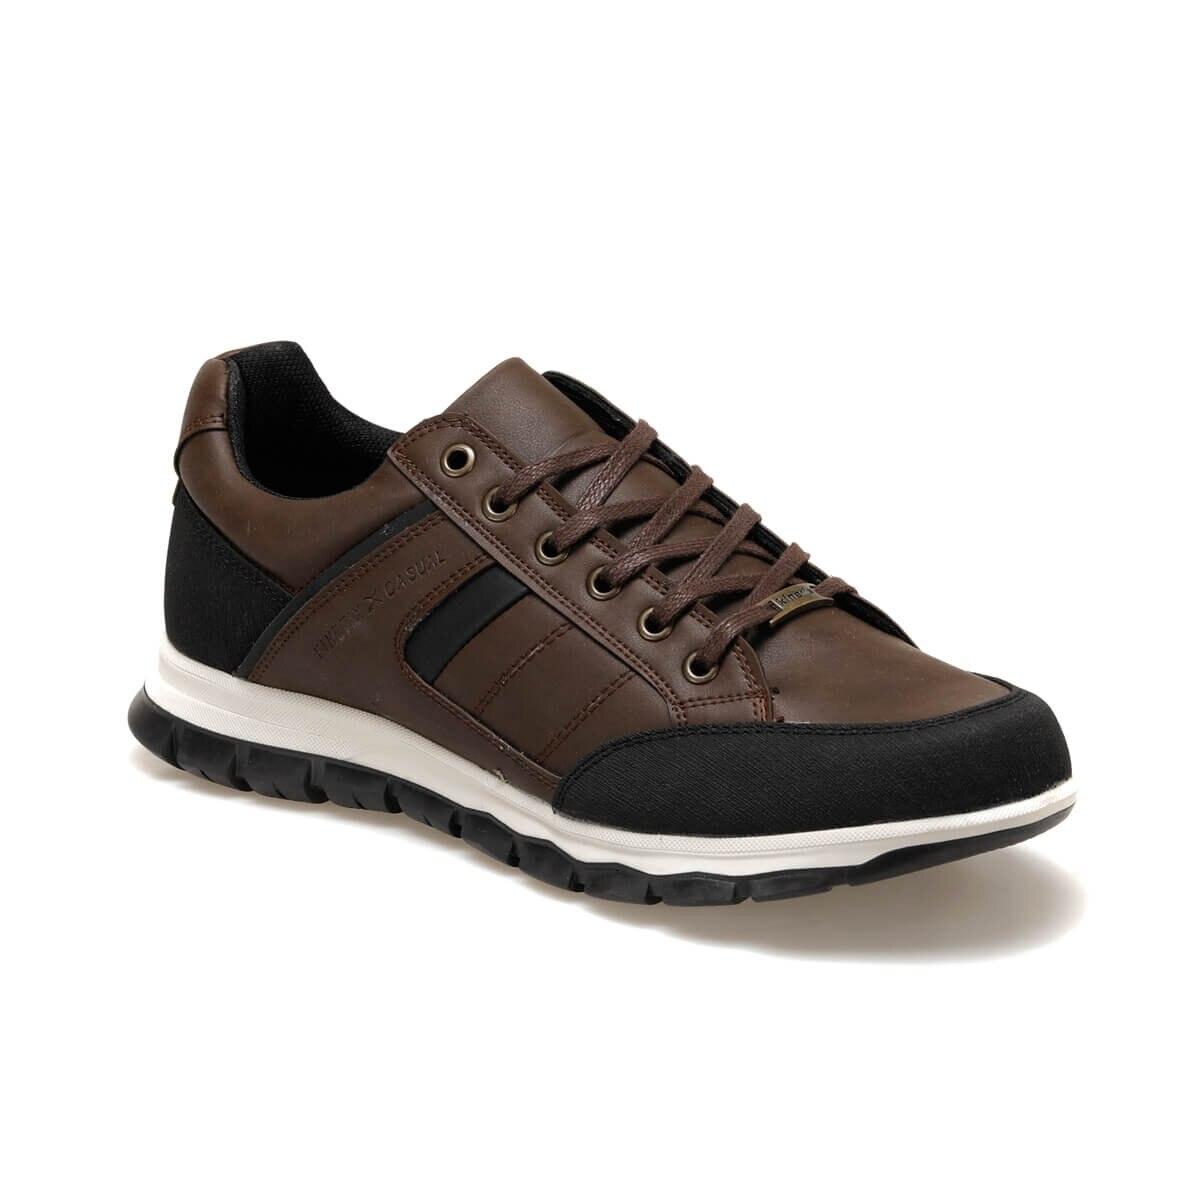 FLO MENAN 9PR Brown Men Shoes KINETIX